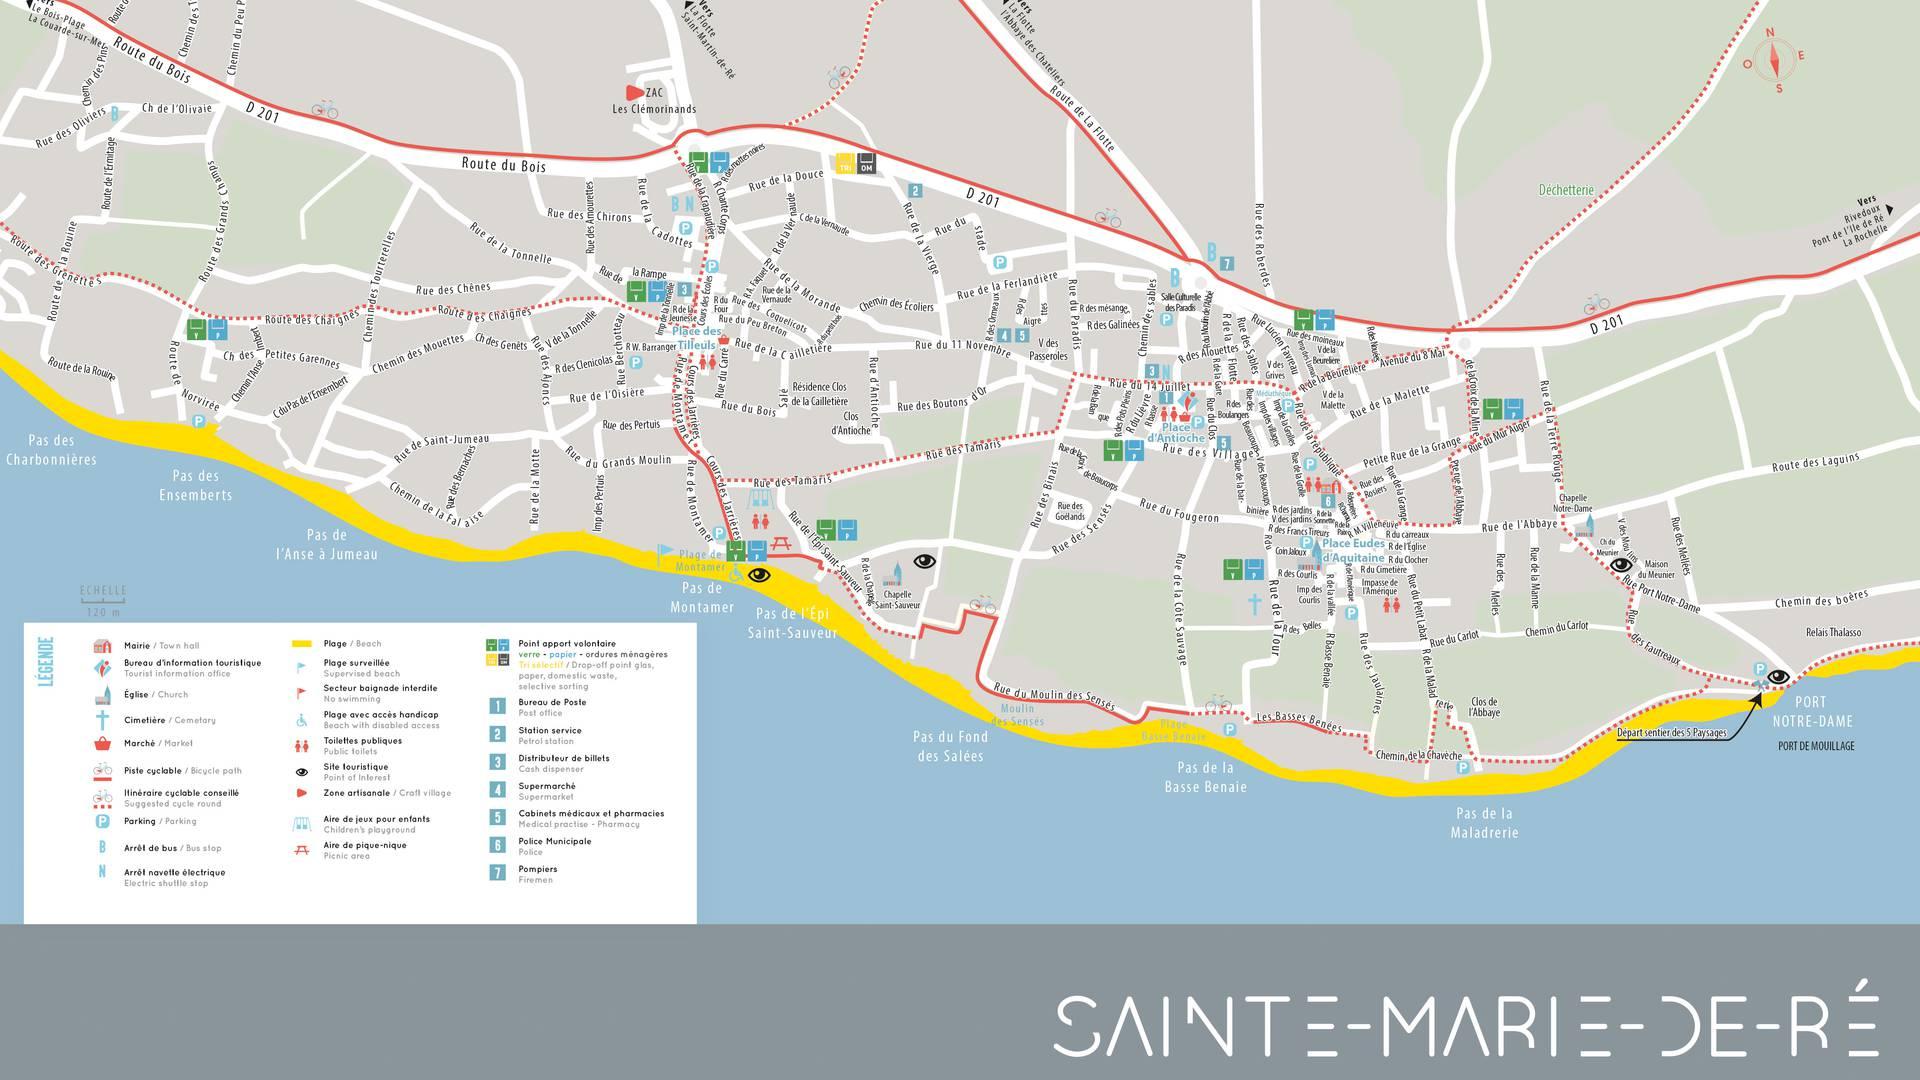 Map of île de Ré, city of Sainte-Marie-de-Ré